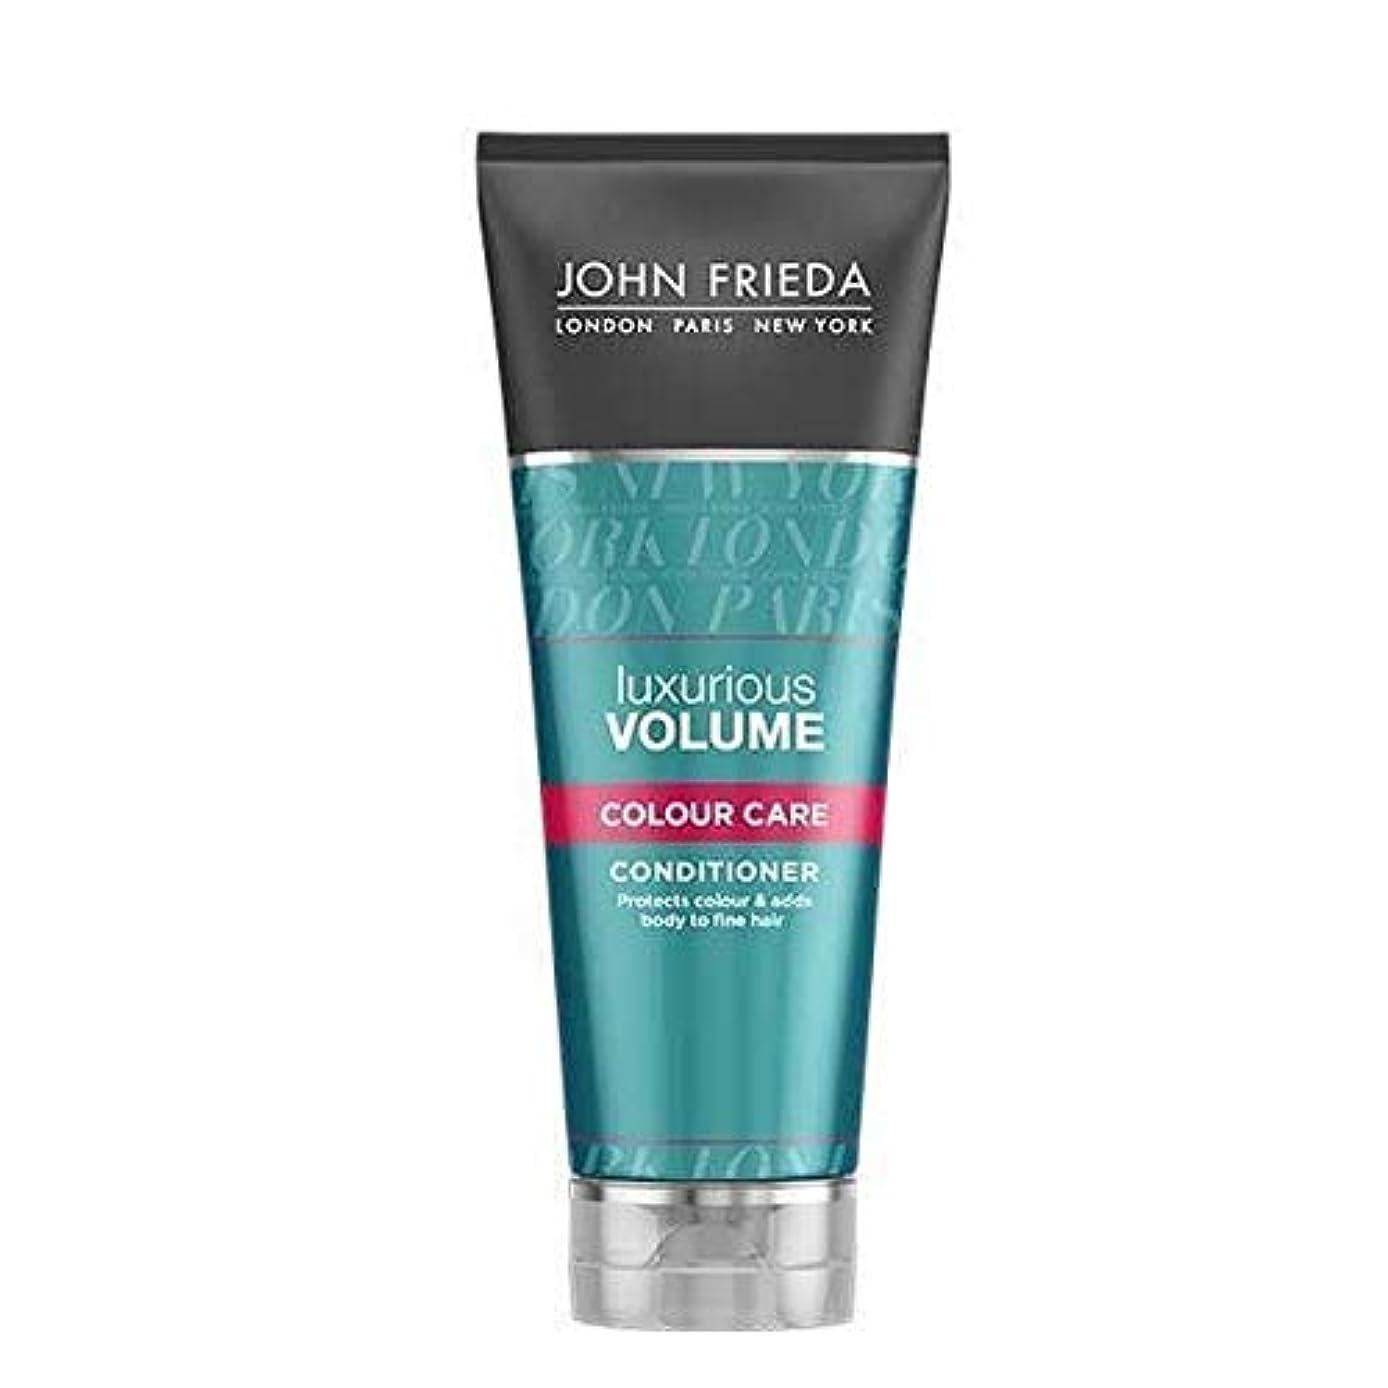 [John Frieda ] ジョン?フリーダ贅沢なボリュームカラーケアコンディショナー250Ml - John Frieda Luxurious Volume Colour Care Conditioner 250ml [並行輸入品]